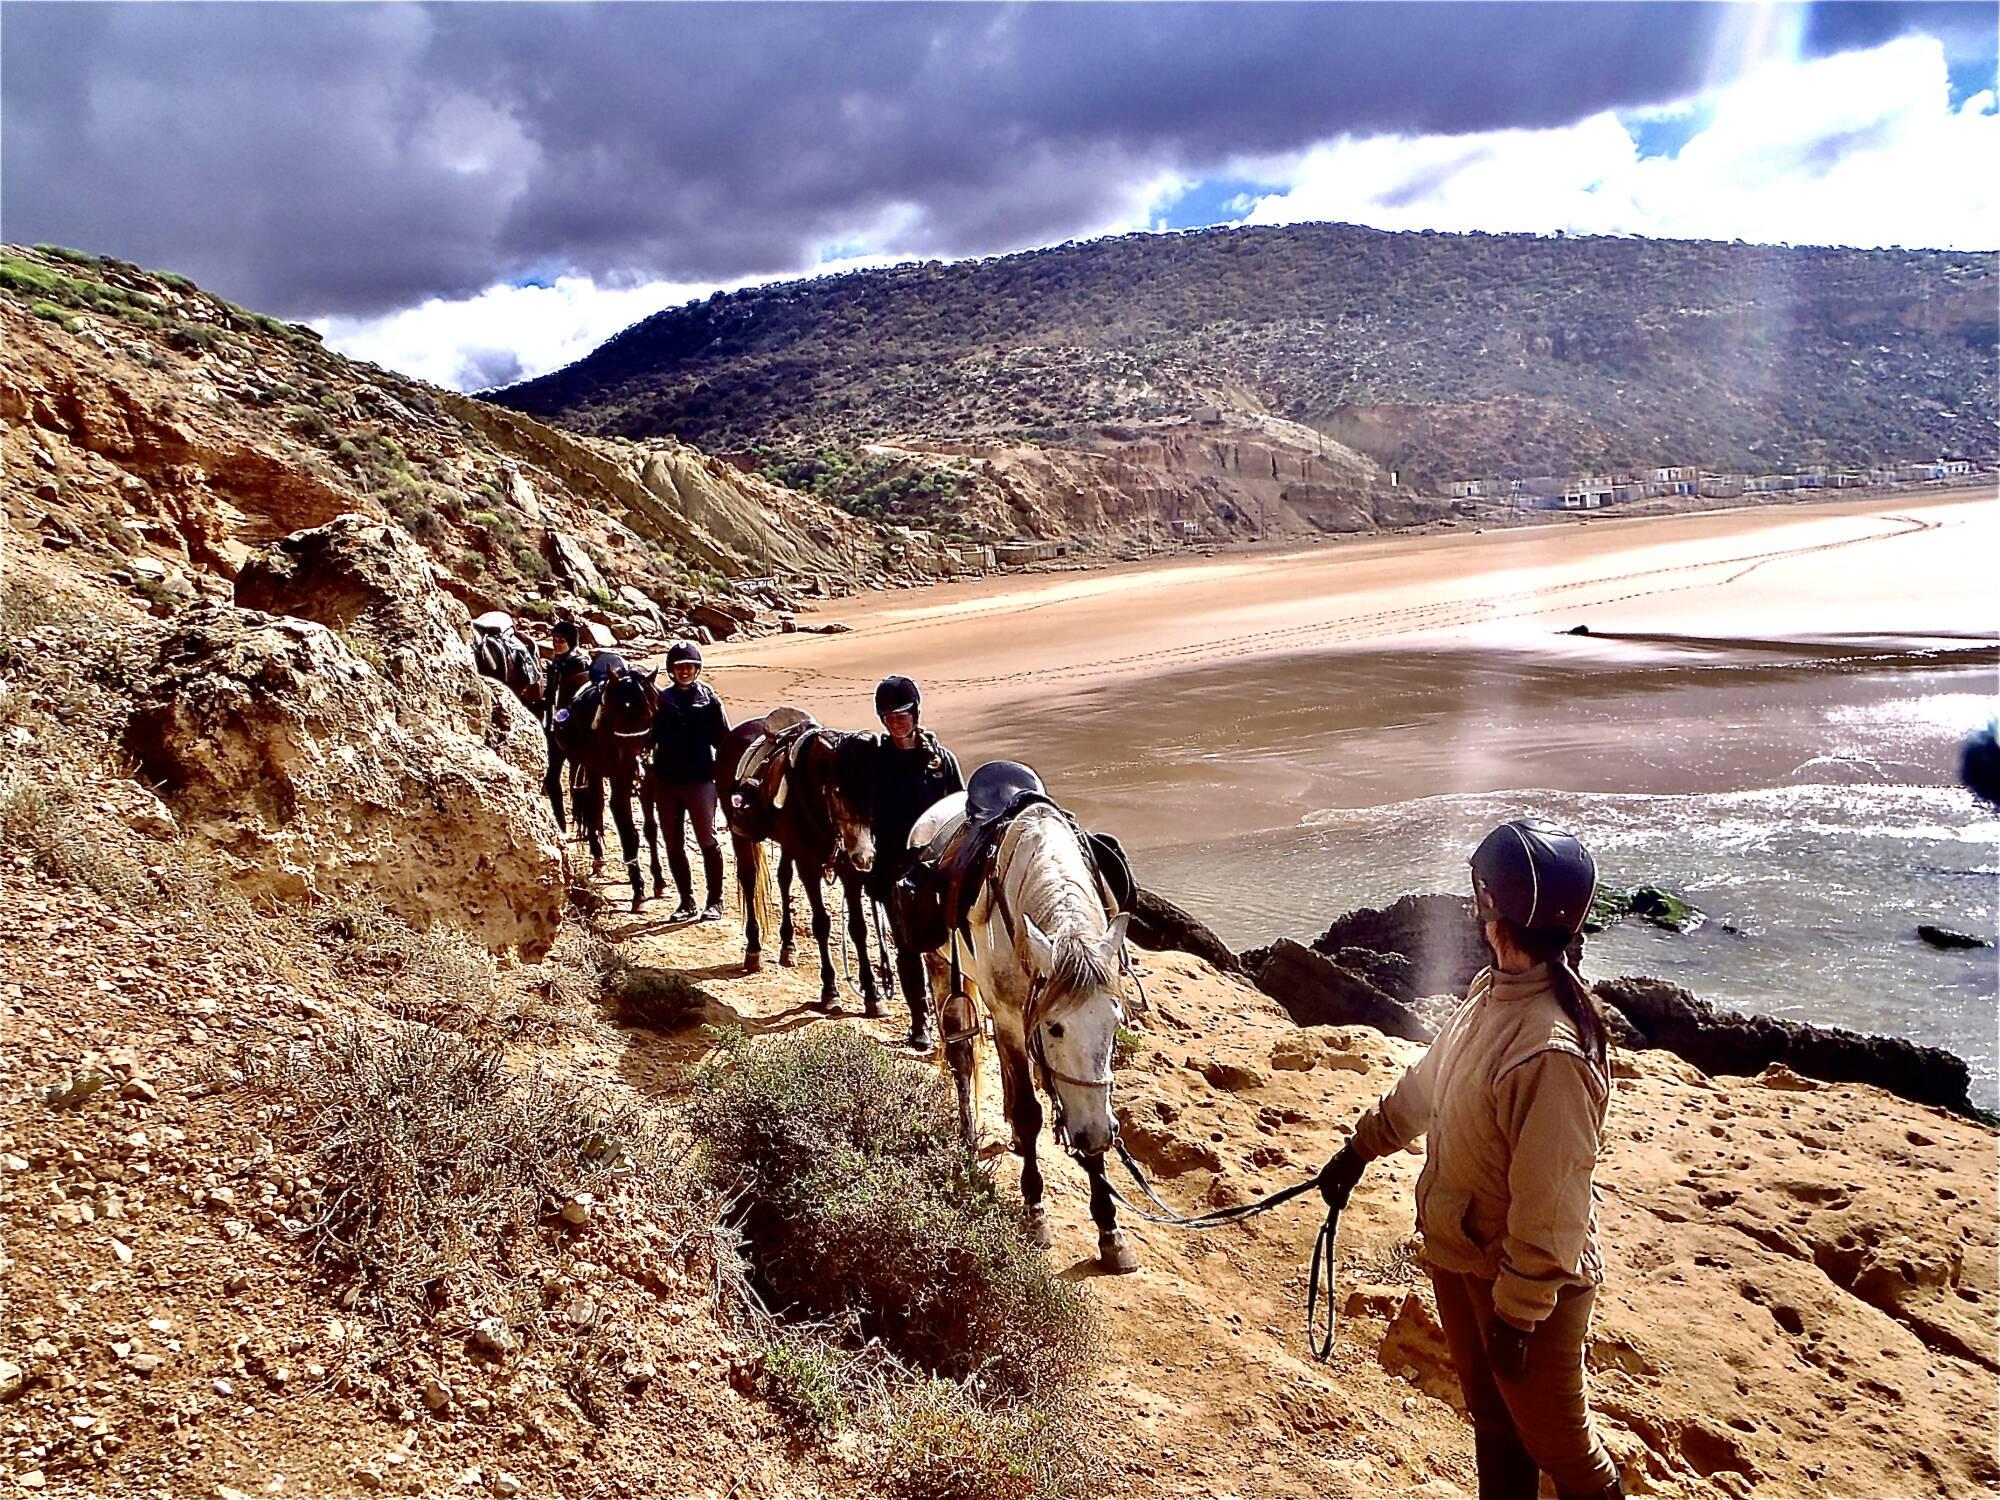 Die Berber Dörfer